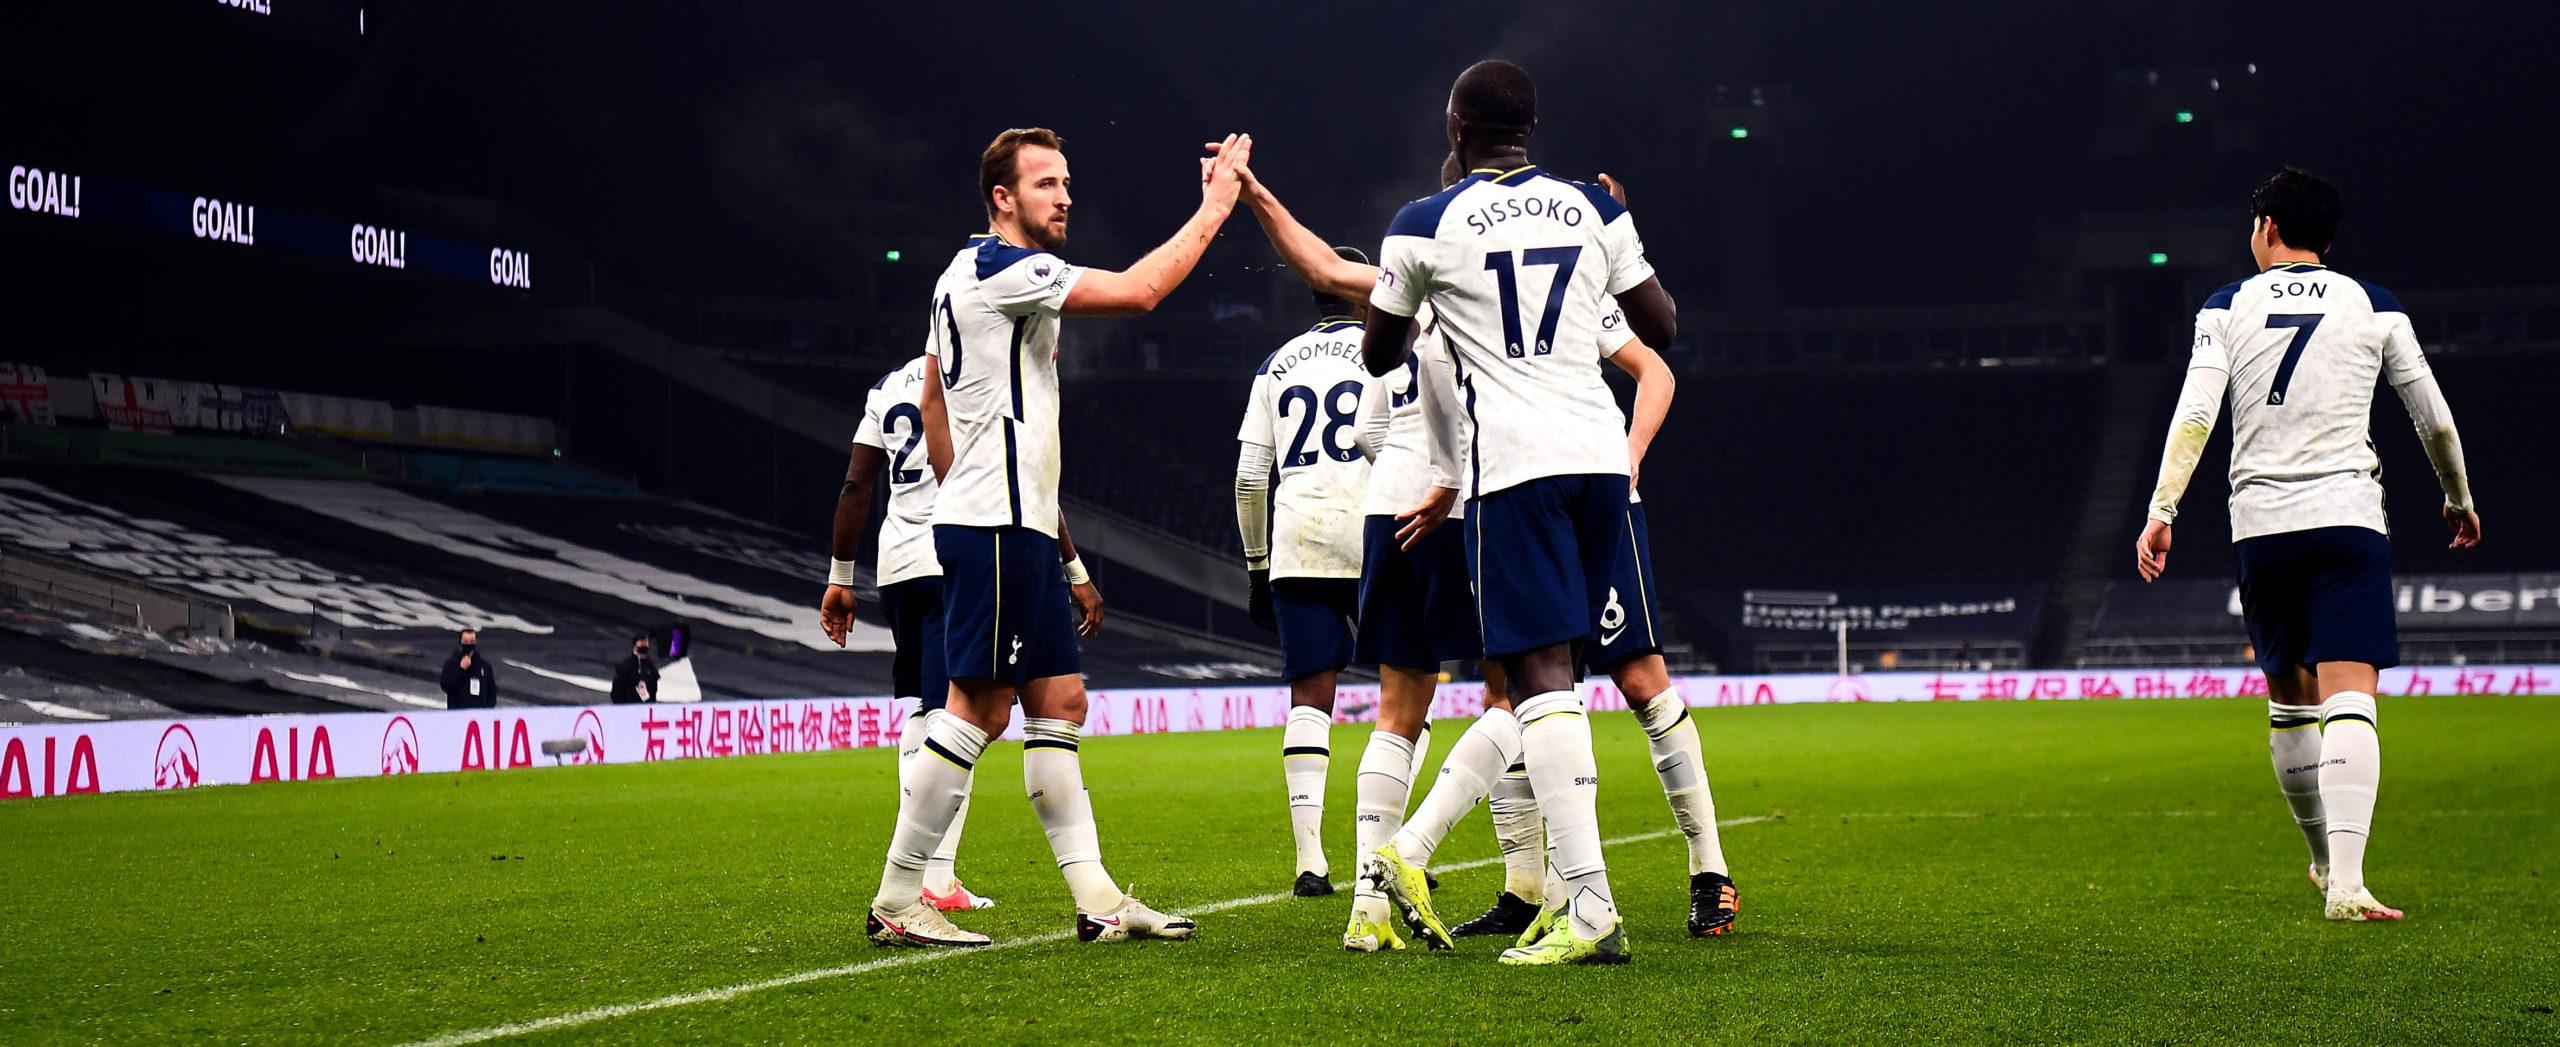 Manchester-City-et-Tottenham-croiseront-le-fer-en-finale-de-la-Coupe-de-la-Ligue-Plus-sur-betFIRST